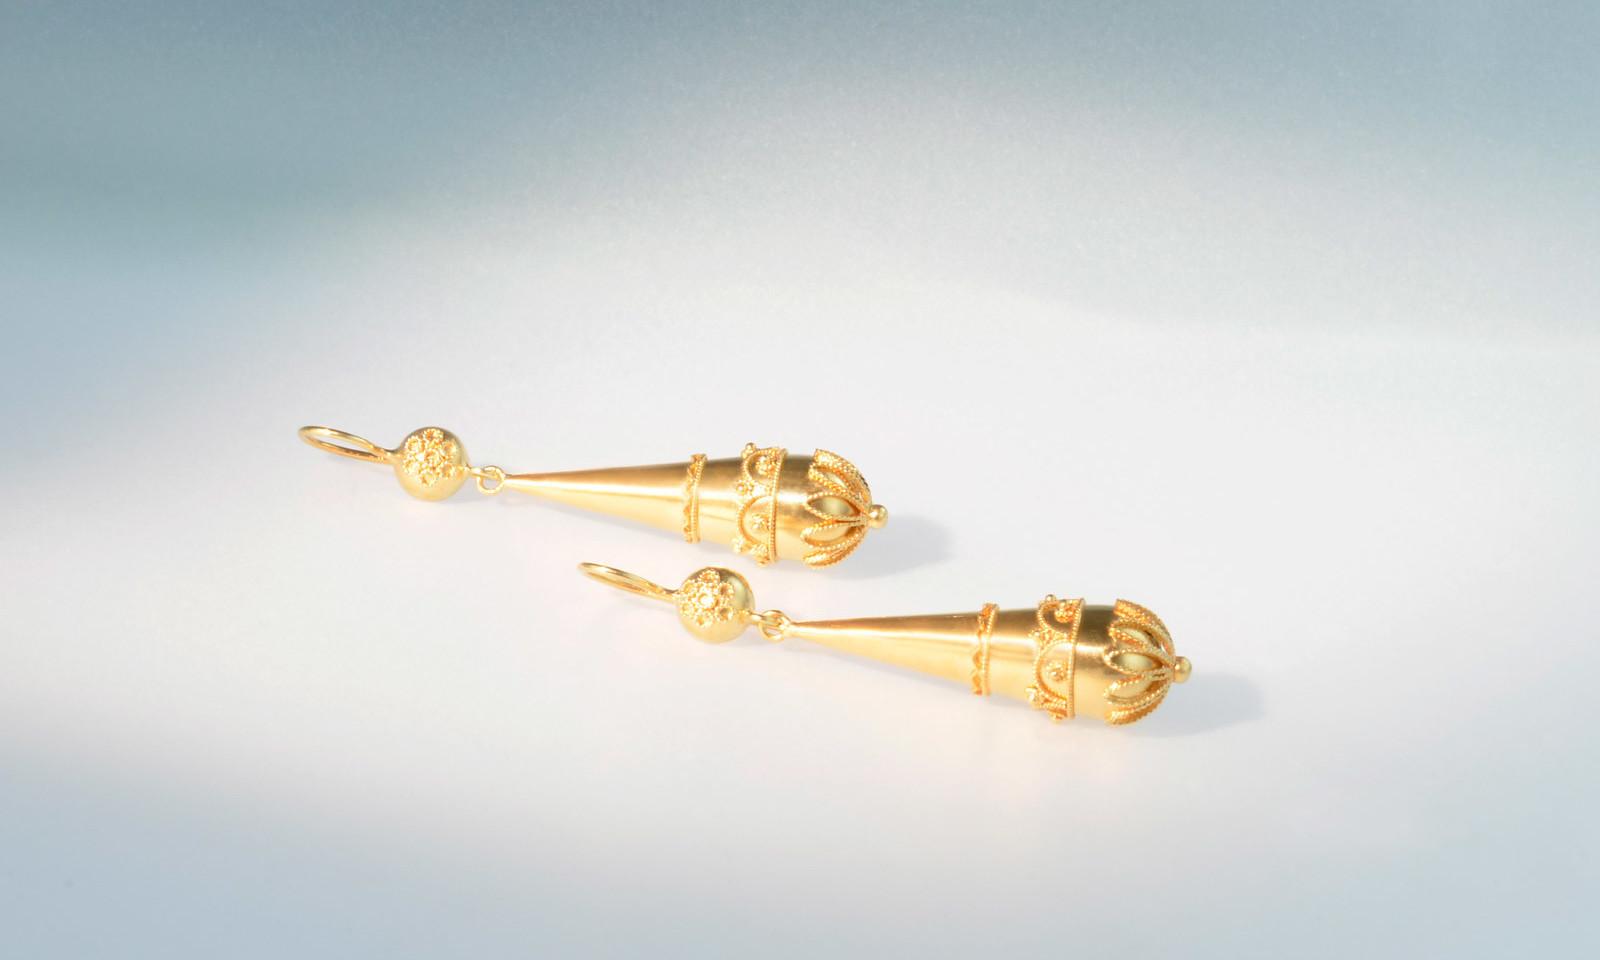 Ohrhaenger Granuliert. Ohrhänger um 1870, Gold 585 granuliert, CHF 1900.-